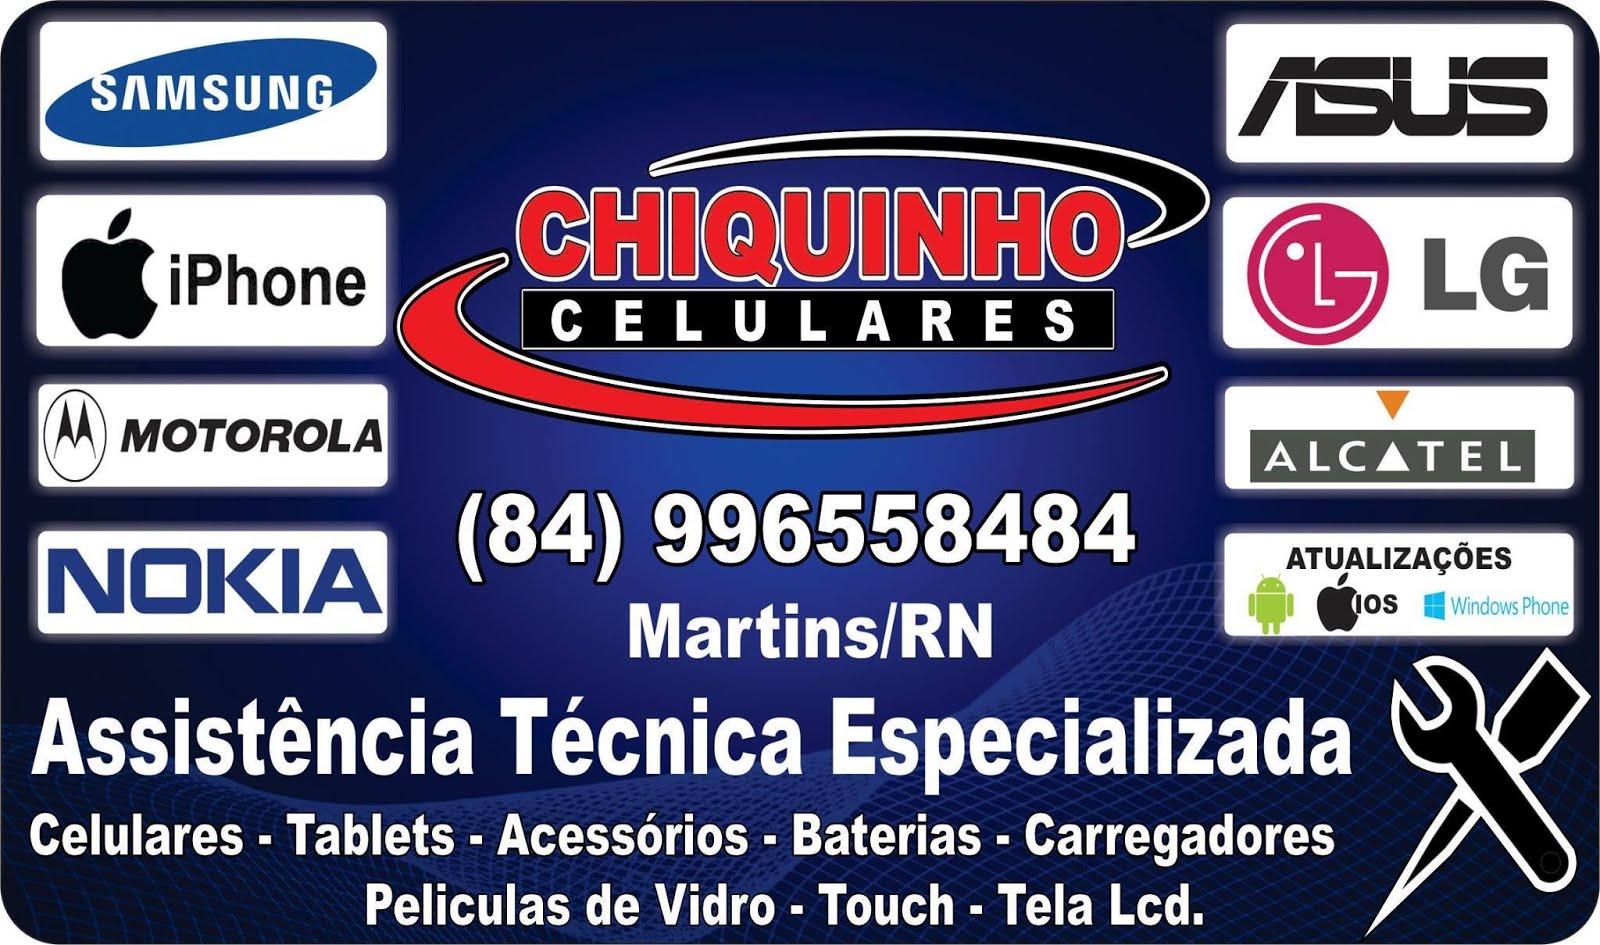 CHIQUINHO CELULARES !